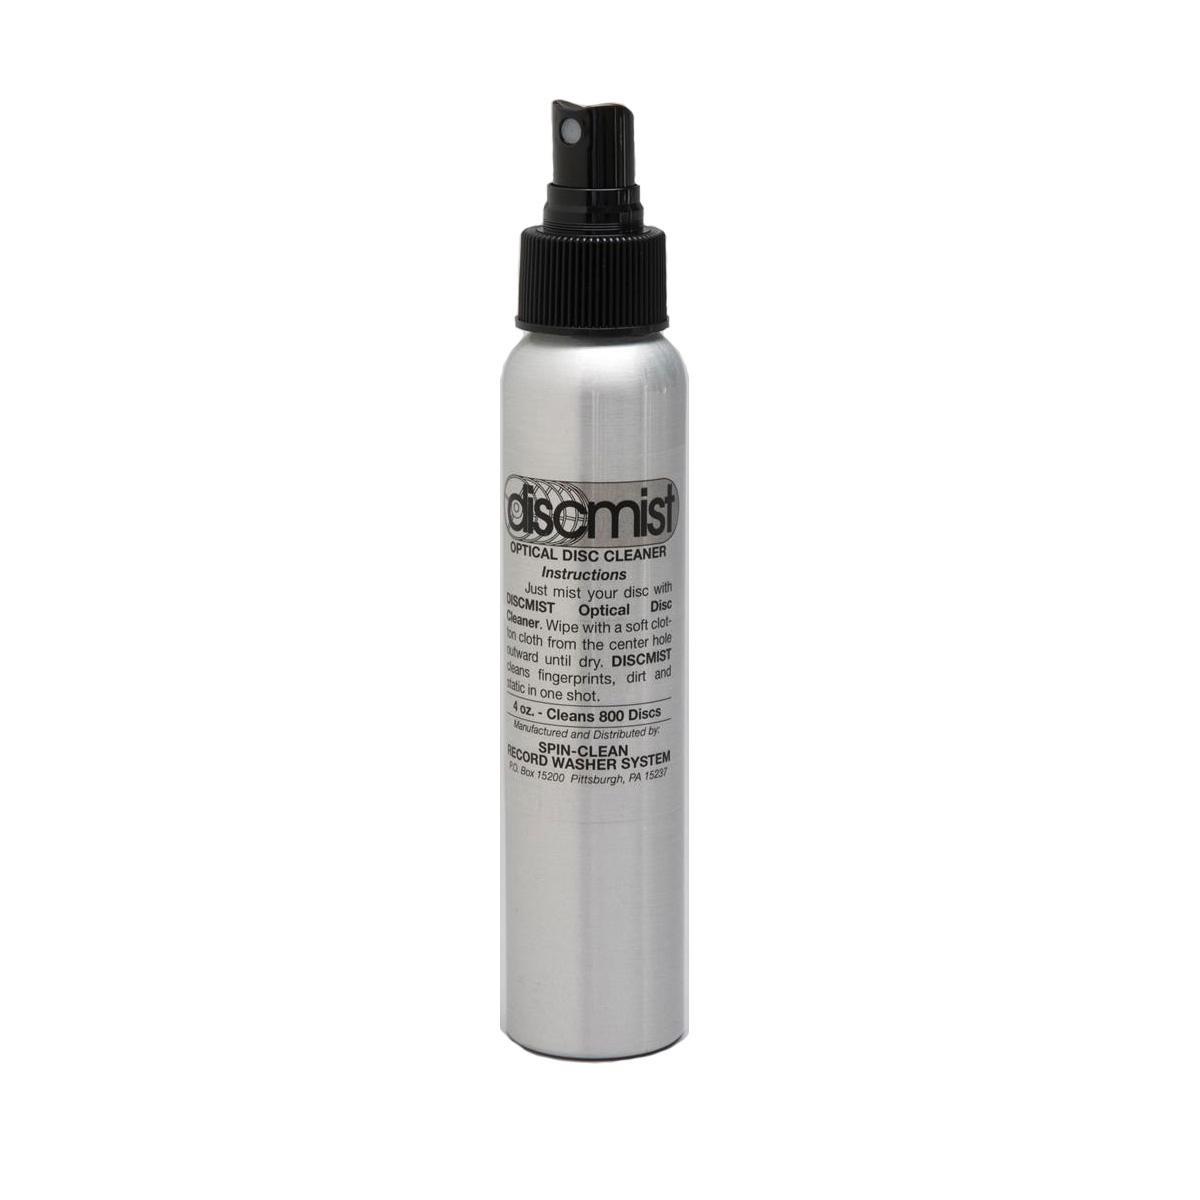 Środek do czyszczenia dysków optycznych SPIN-CLEAN DISCMIST OPTICAL DISC CLEANER 8OZ